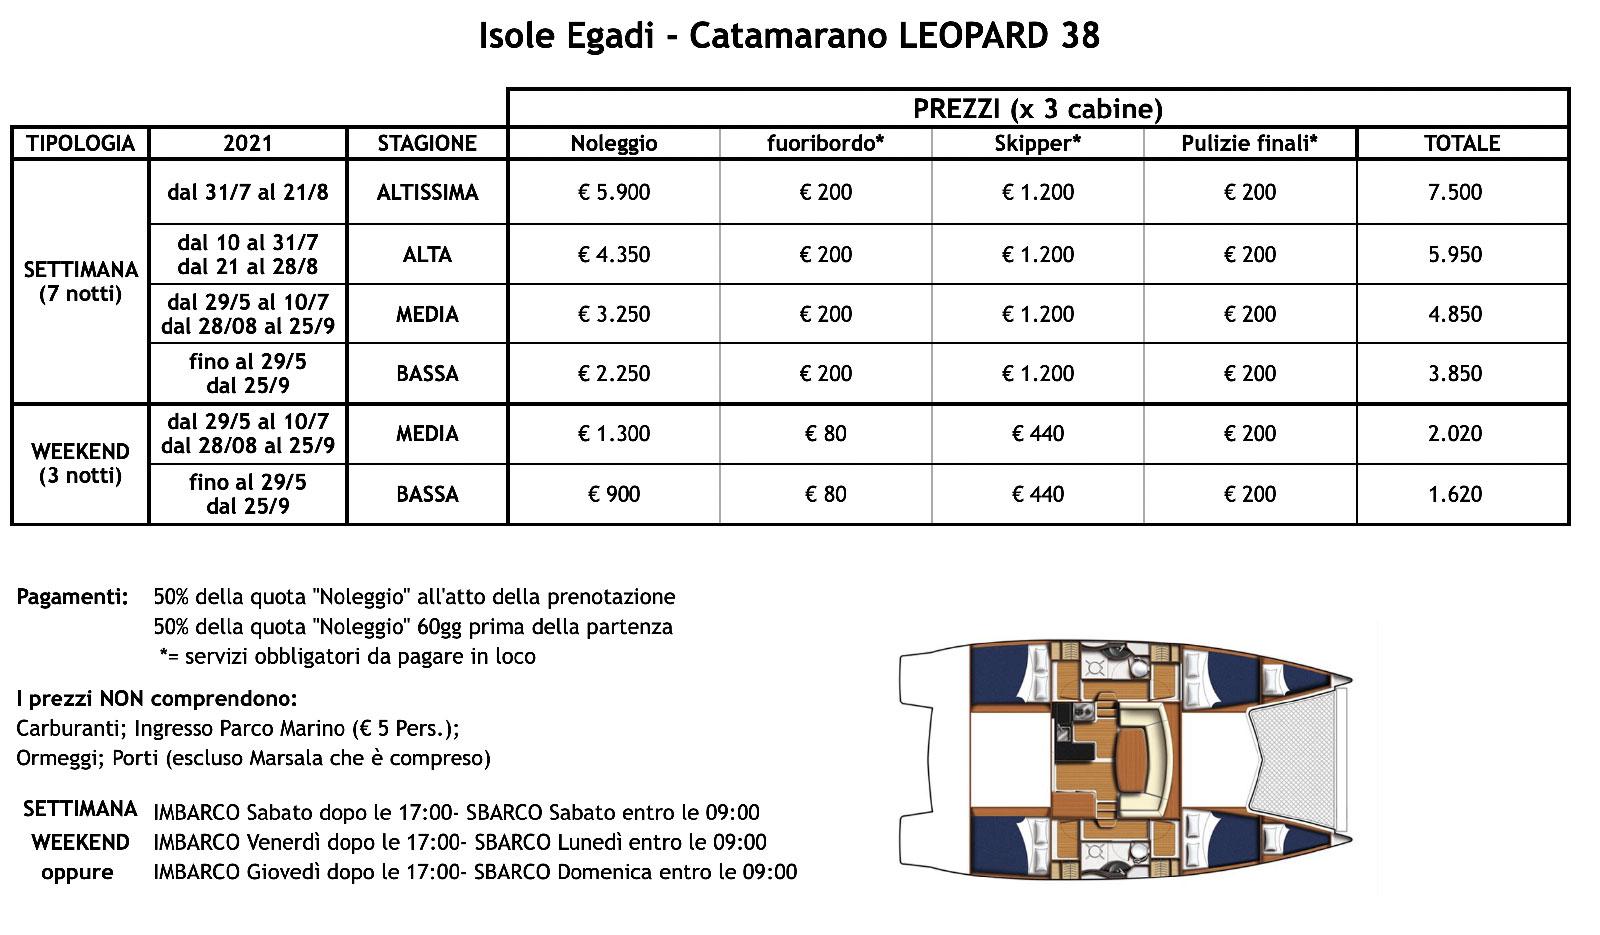 prezzi-catamarano-leopard-2021